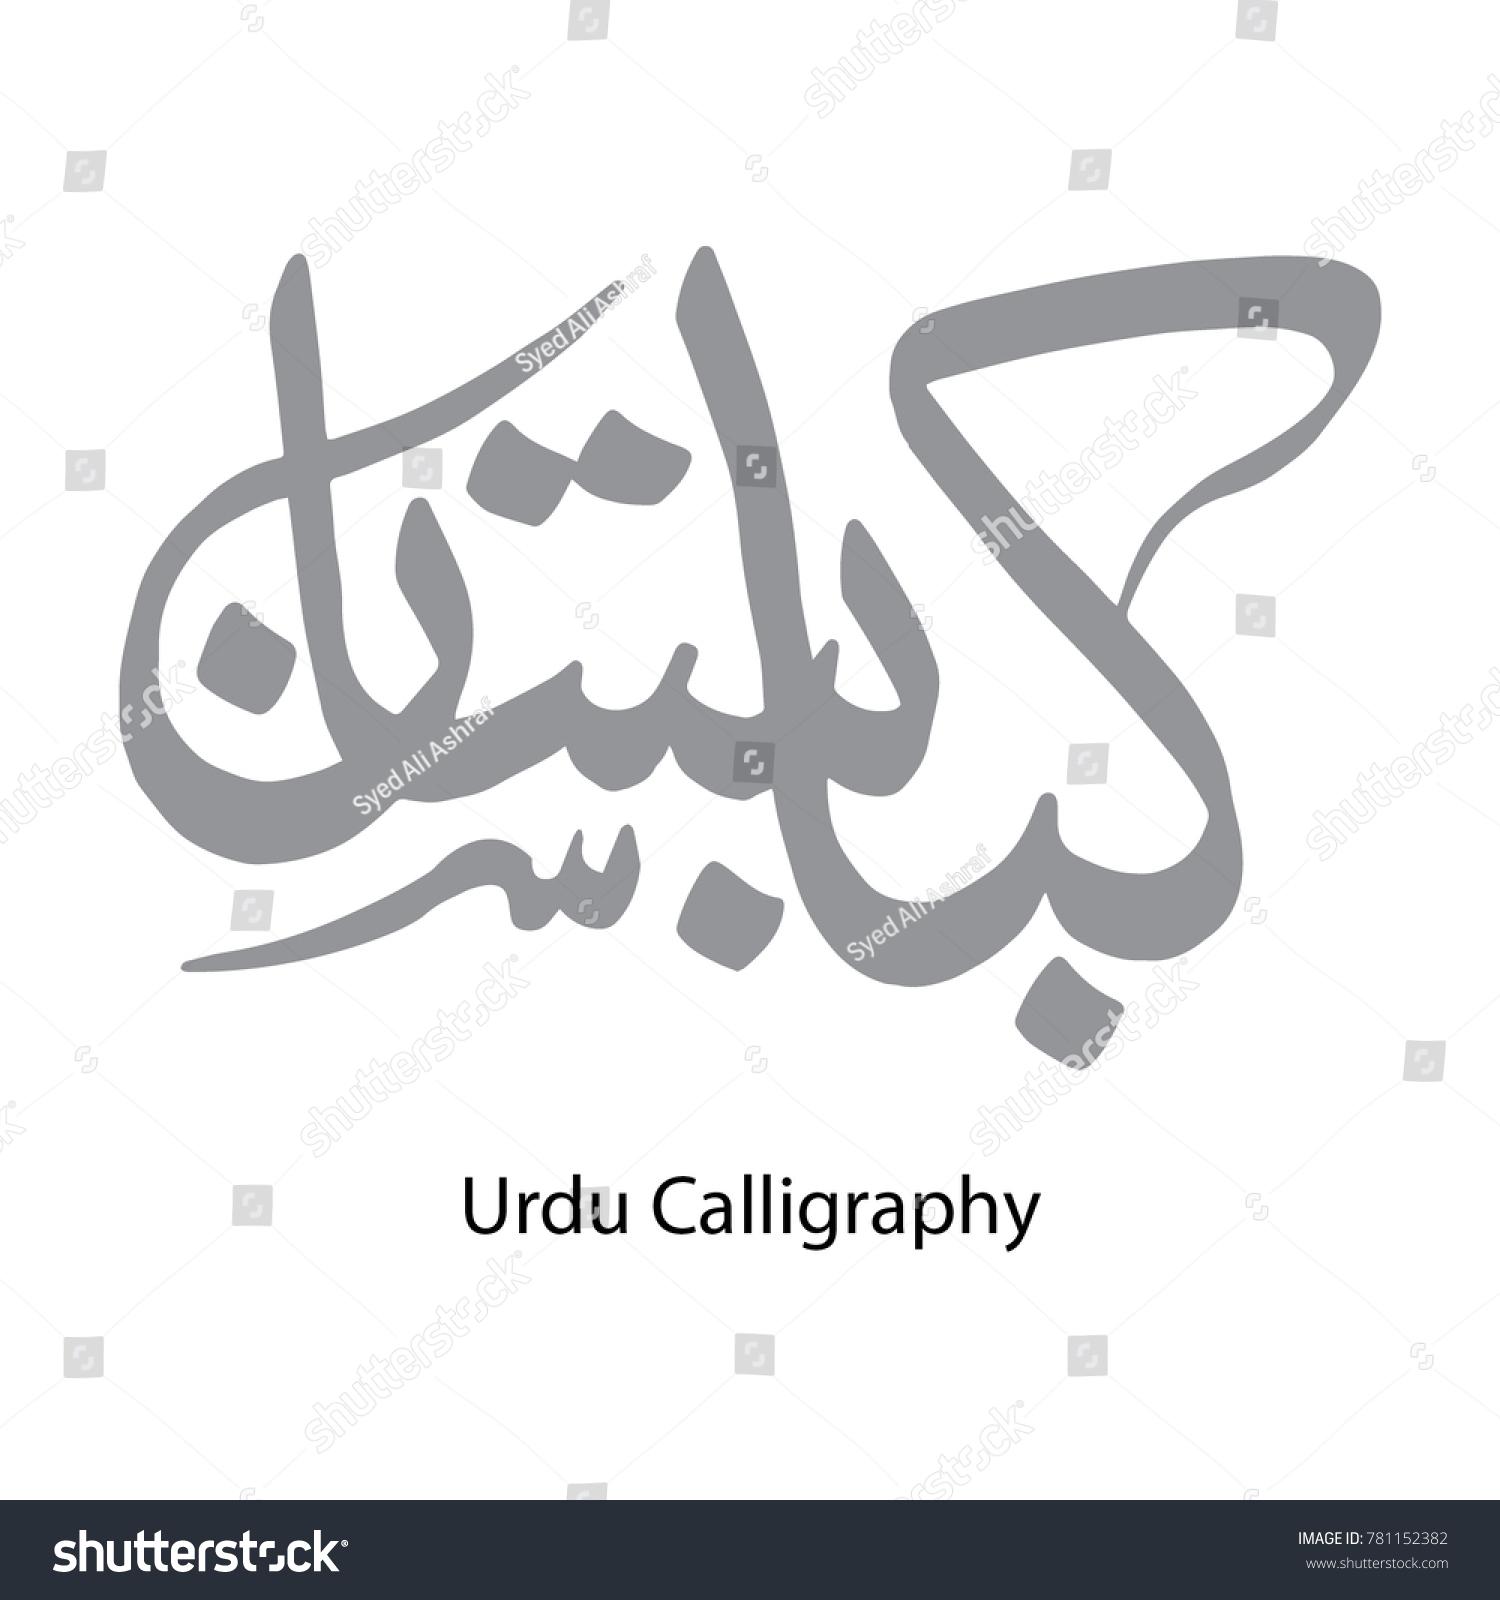 Kaabistan Urdu Calligraphy Restaurant Vector Logo Stock